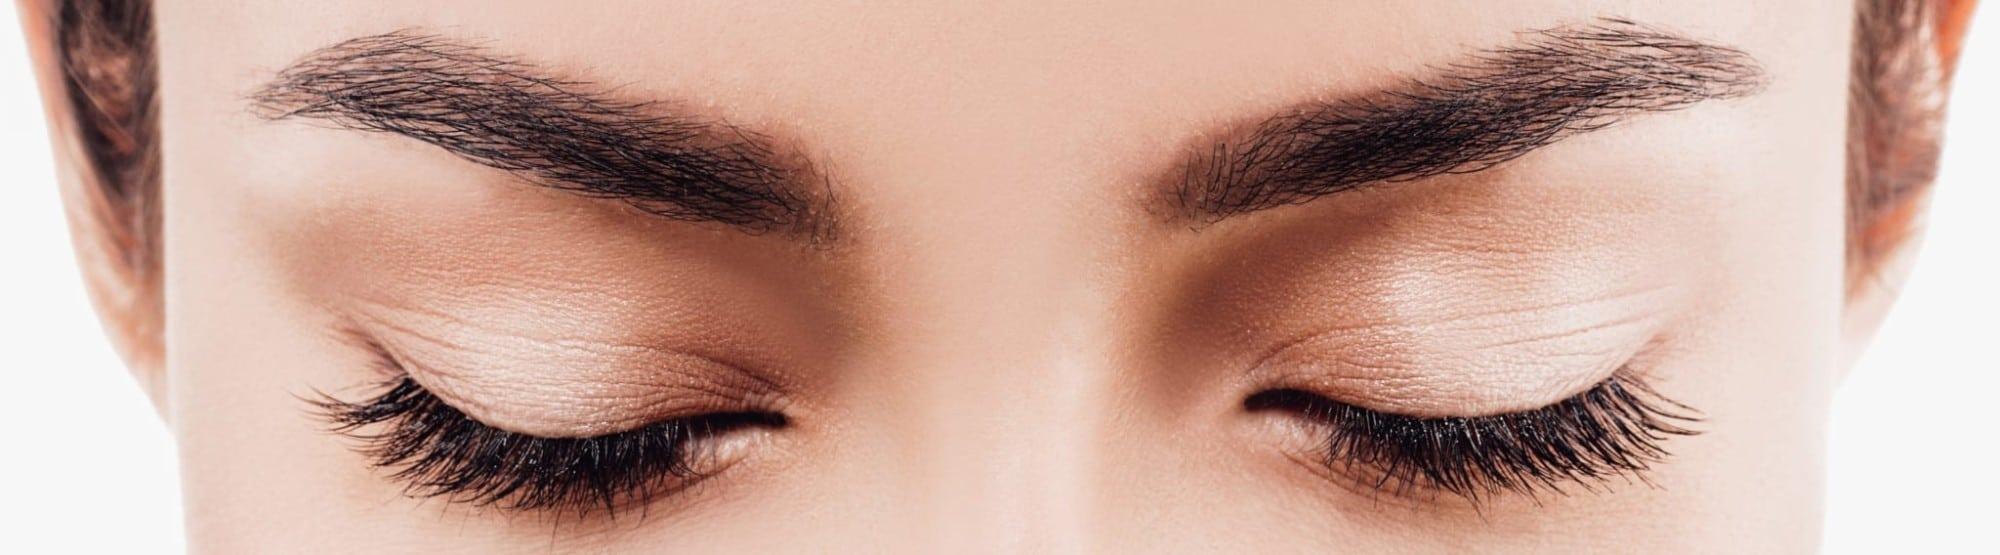 Eyebrow Transplant San Diego, CA